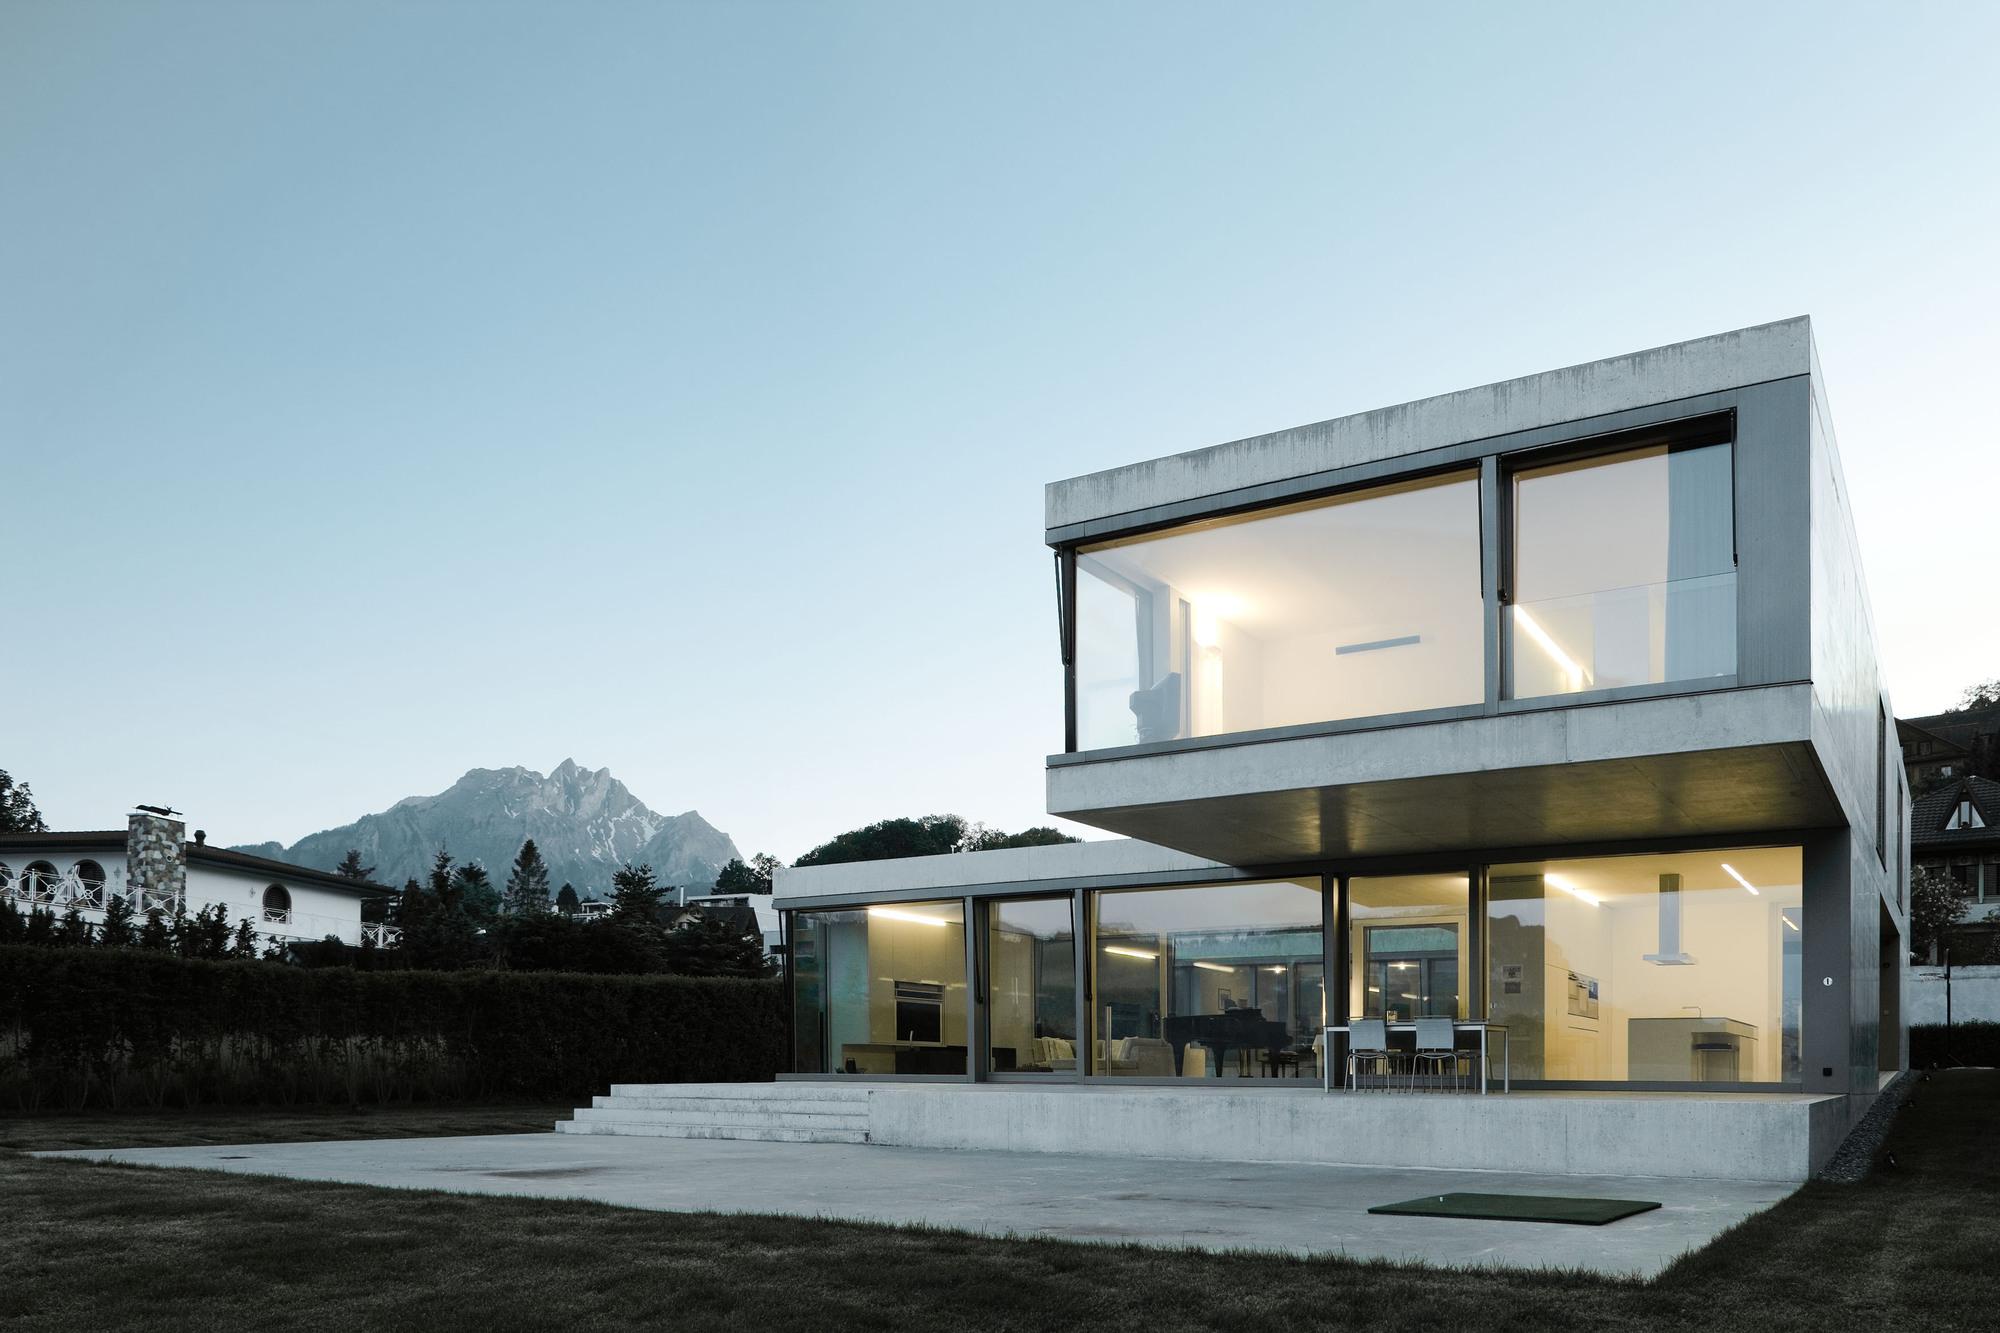 ... Proiecte Proiecte Case Moderne, Casa Moderna 2013, Proiecte Case  Ieftine, Case Mici, ...